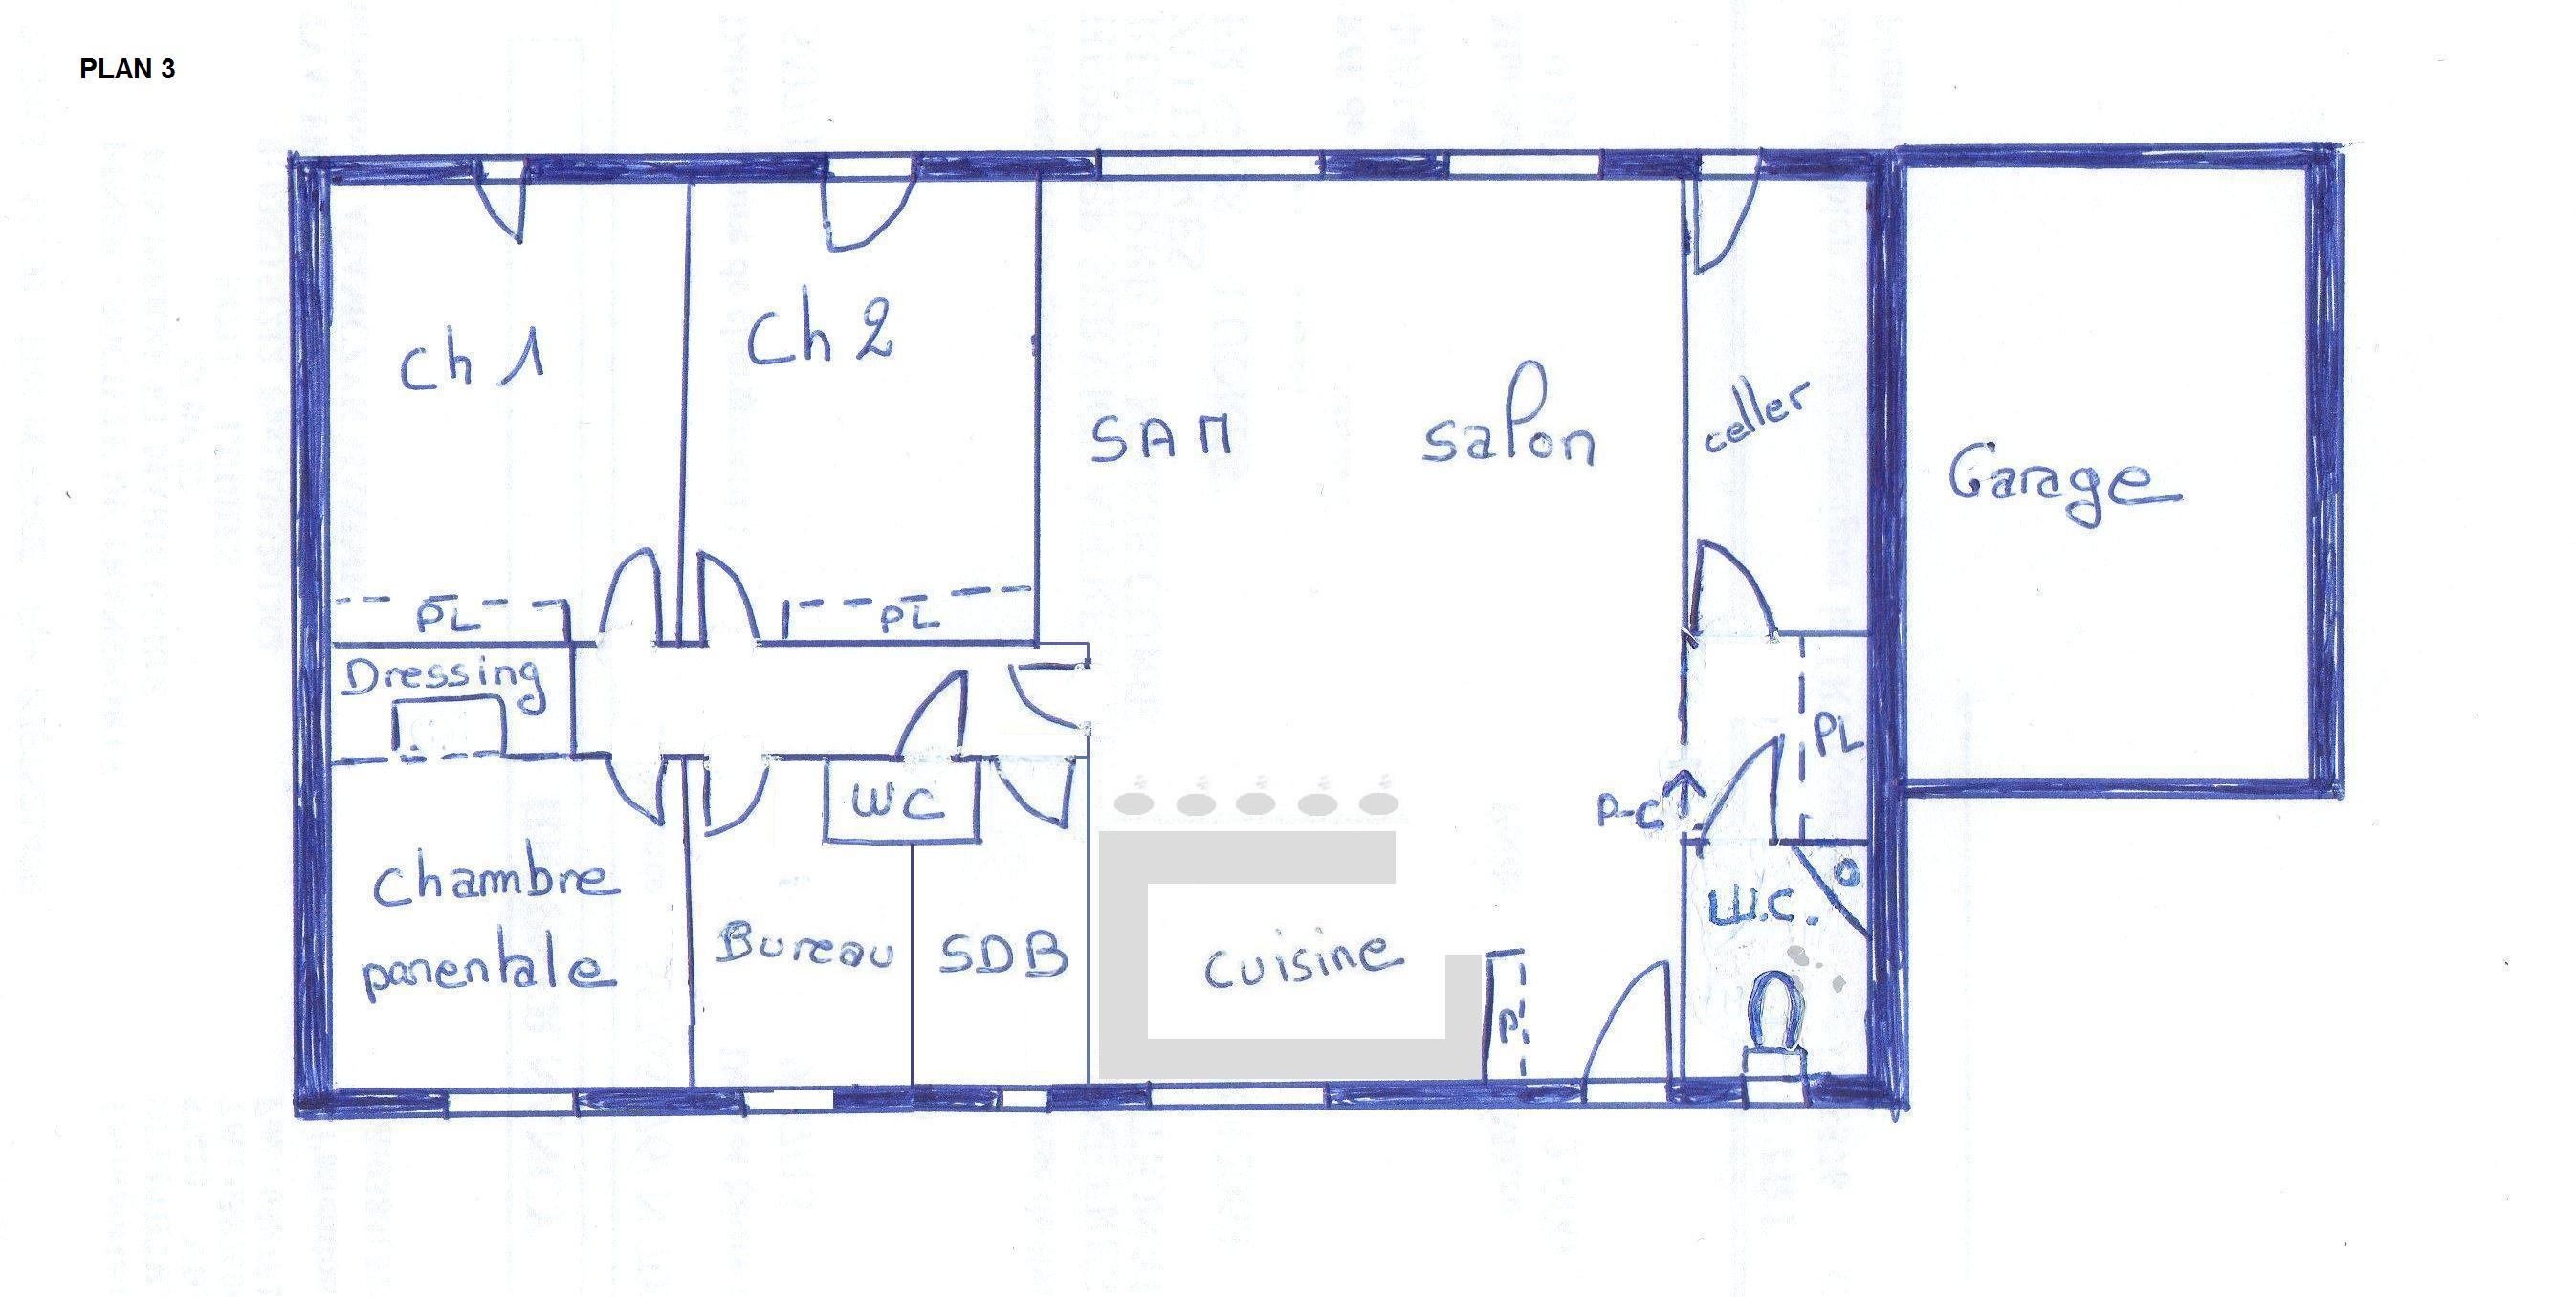 Connu Votre avis, plan maison 110m2, rdc - 104 messages - Page 3 ZS93